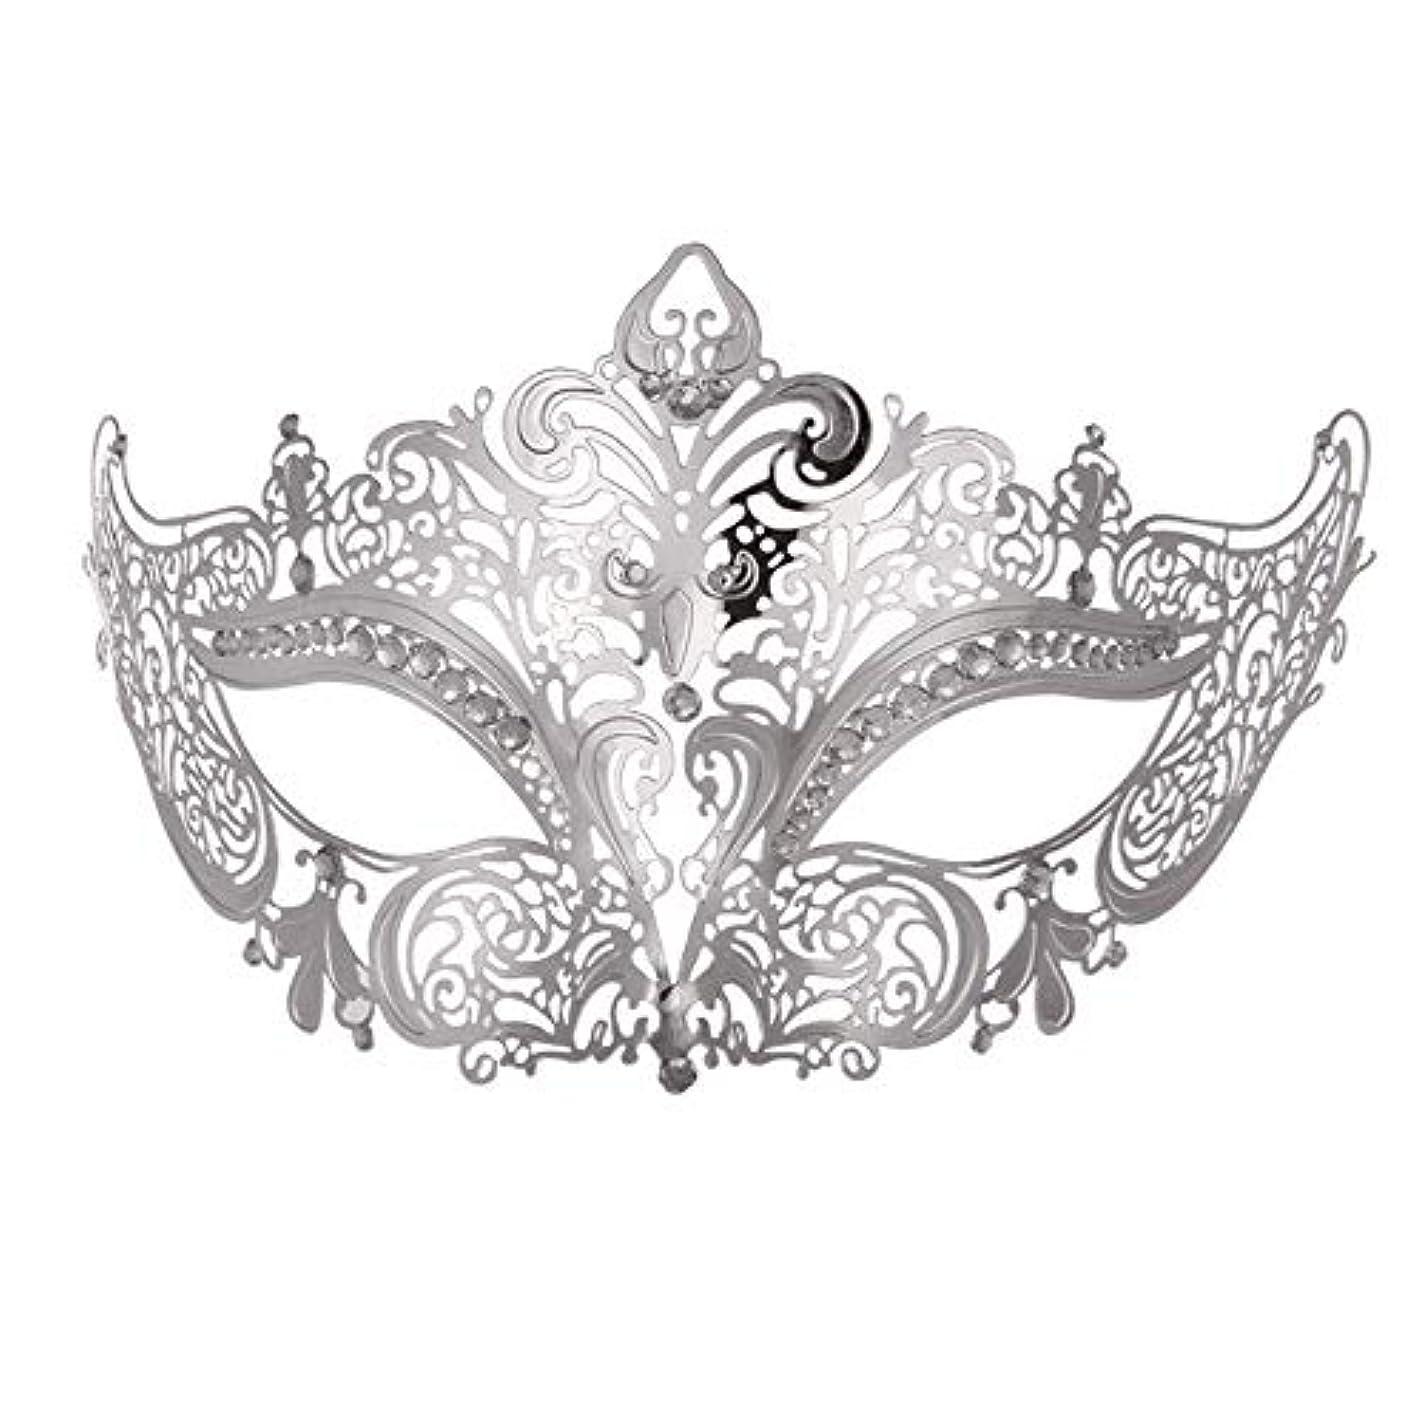 昼食服を着る材料ダンスマスク 高級金メッキ銀マスク仮装小道具ロールプレイングナイトクラブパーティーマスク パーティーボールマスク (色 : 銀, サイズ : Universal)